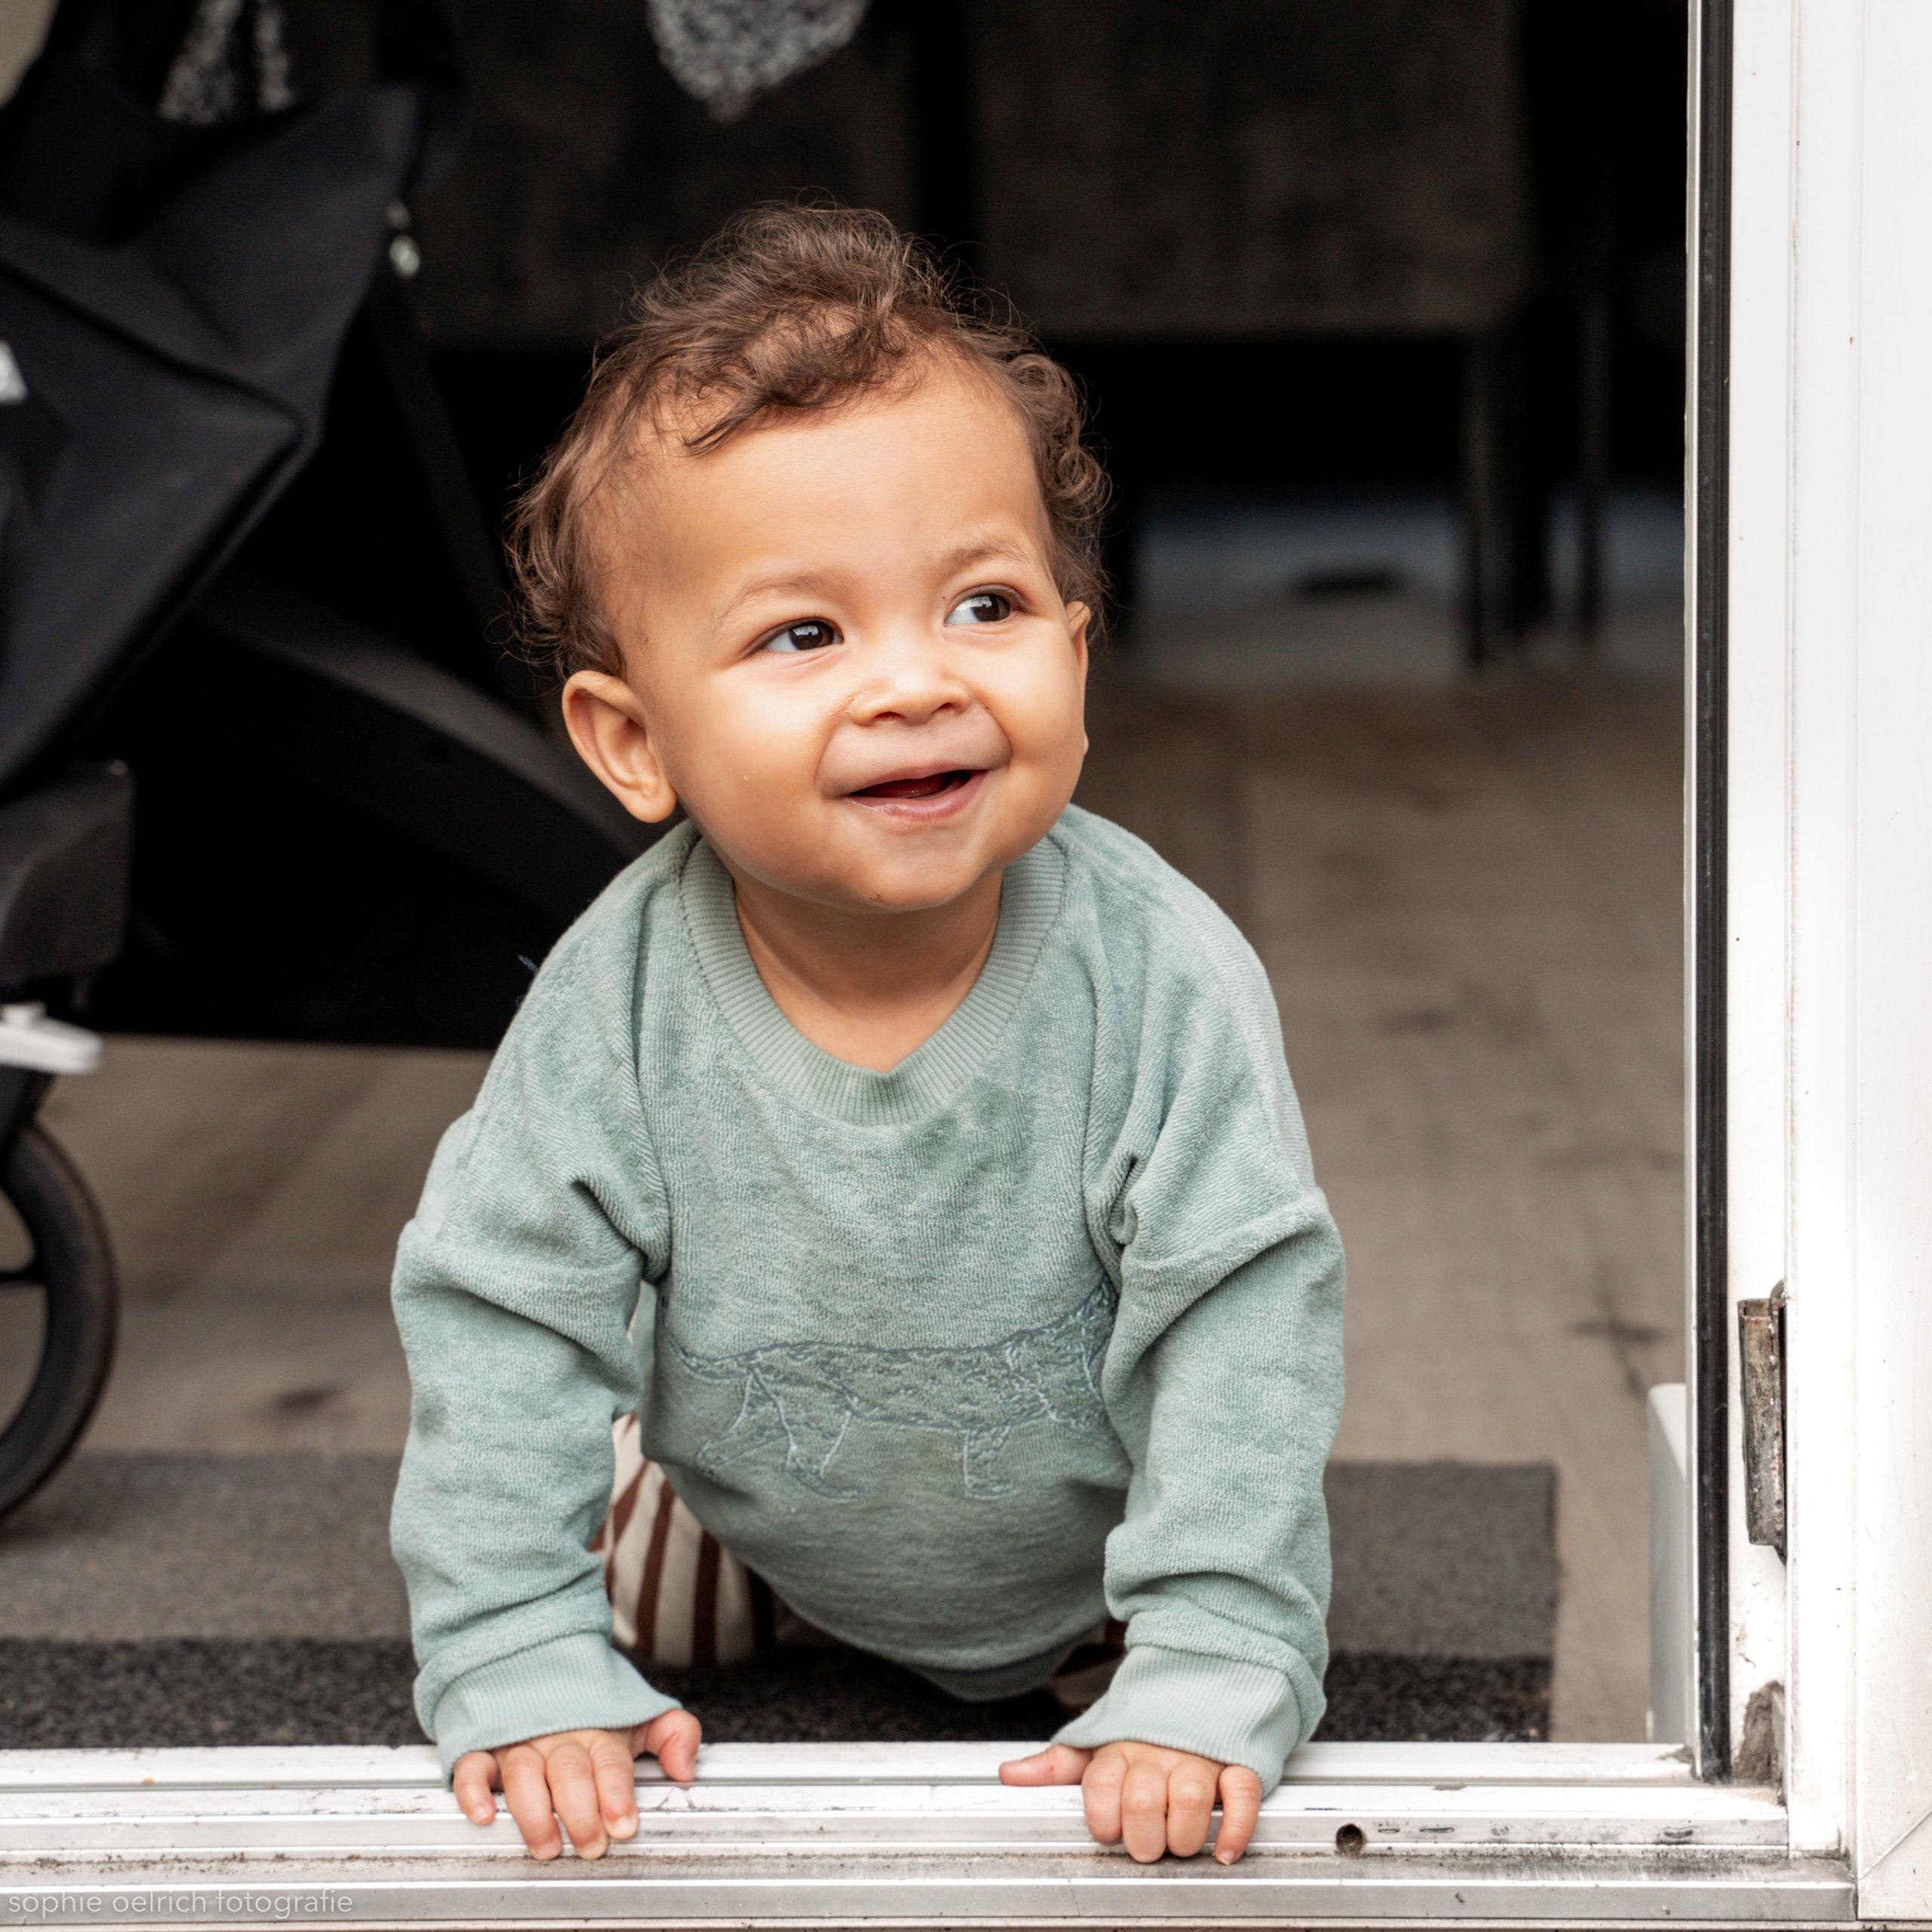 Wij delen vandaag de prachtige baby- en kinder (web)shop uit Amsterdam. Heel veel mooie kinderkleding en accessoires. Aanrader voor kraamcadeau ook. Lees mee over Ondersteboven Puck.